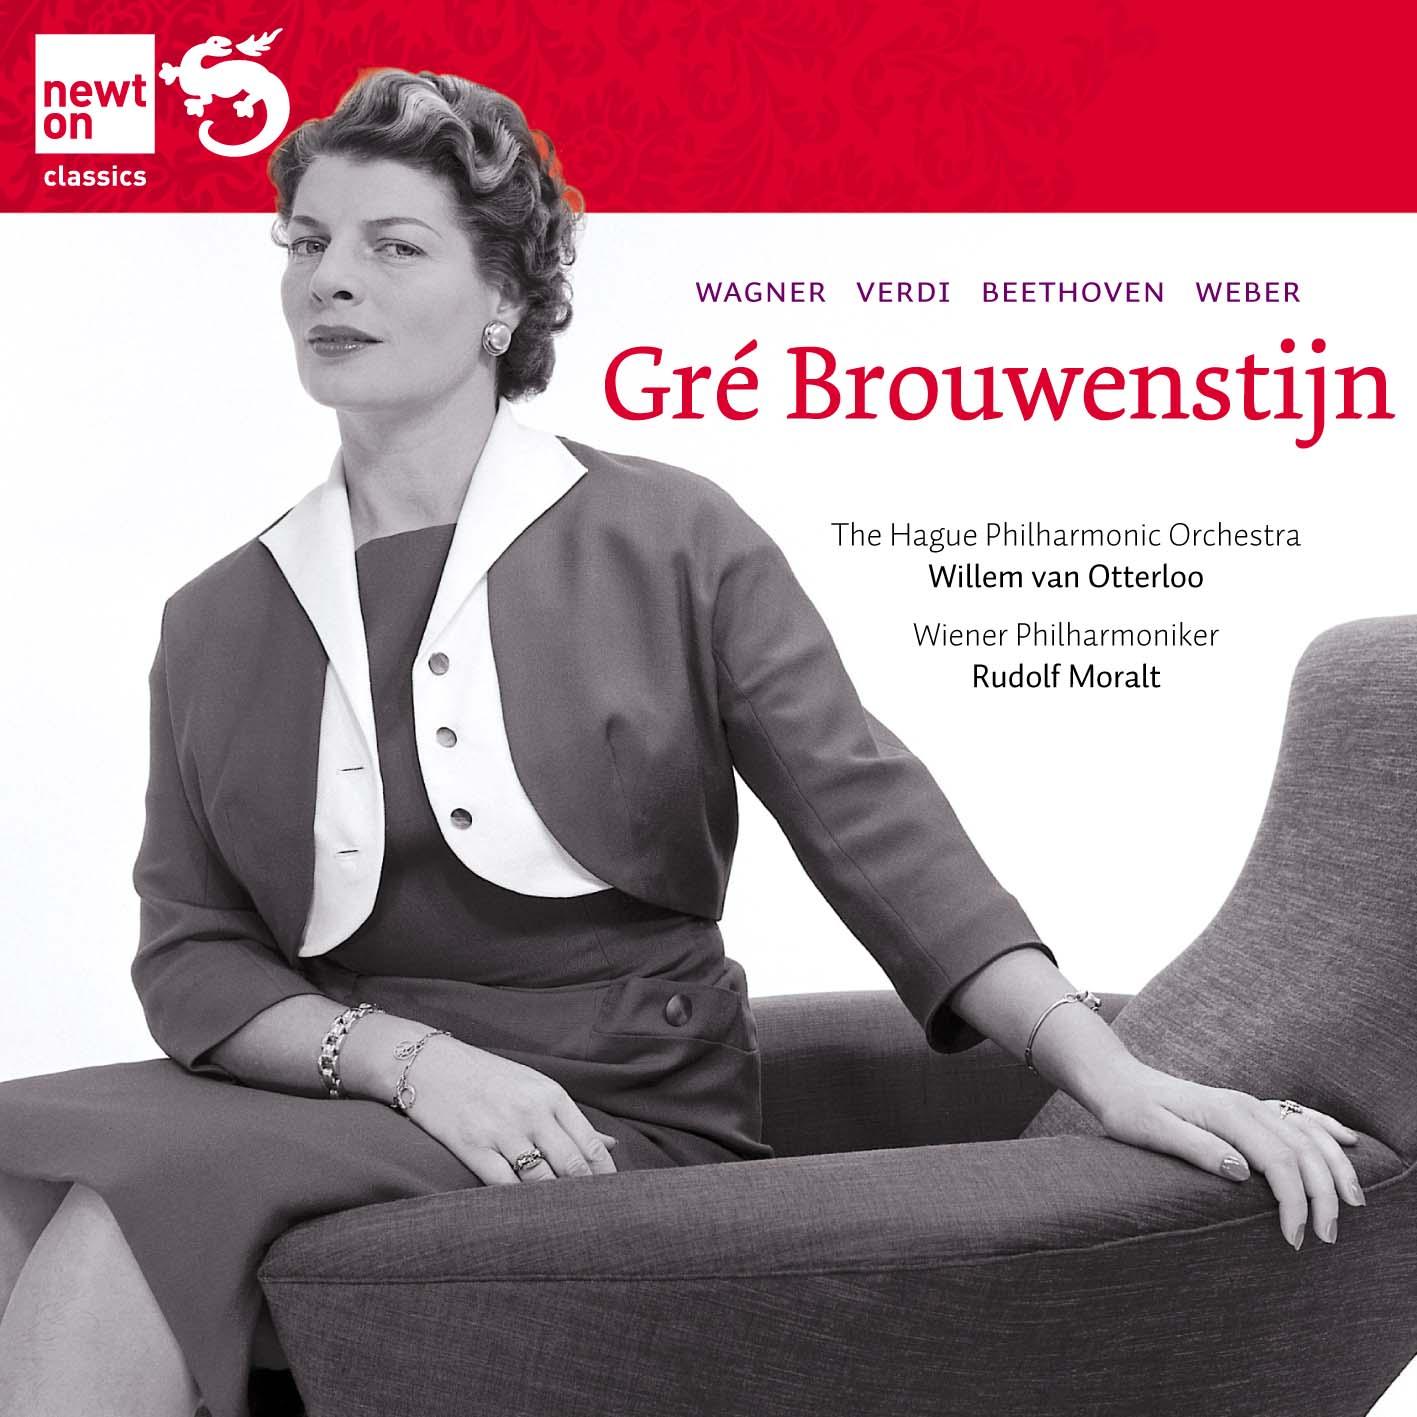 DVD_CD_Gre Brouwenstijn_Newton